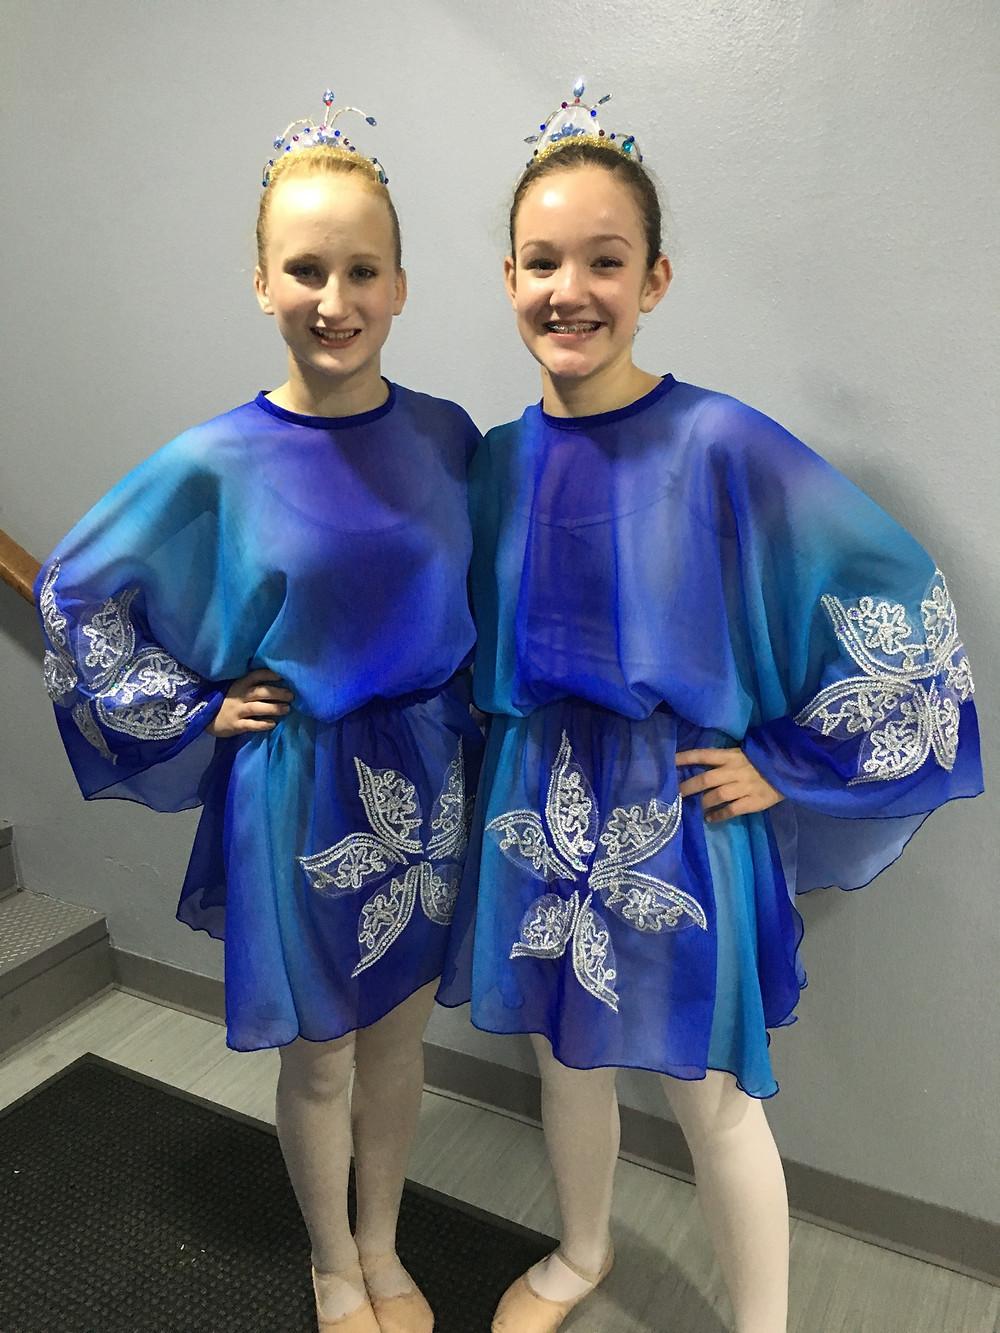 Trinity and Karlee as Snow Sprites